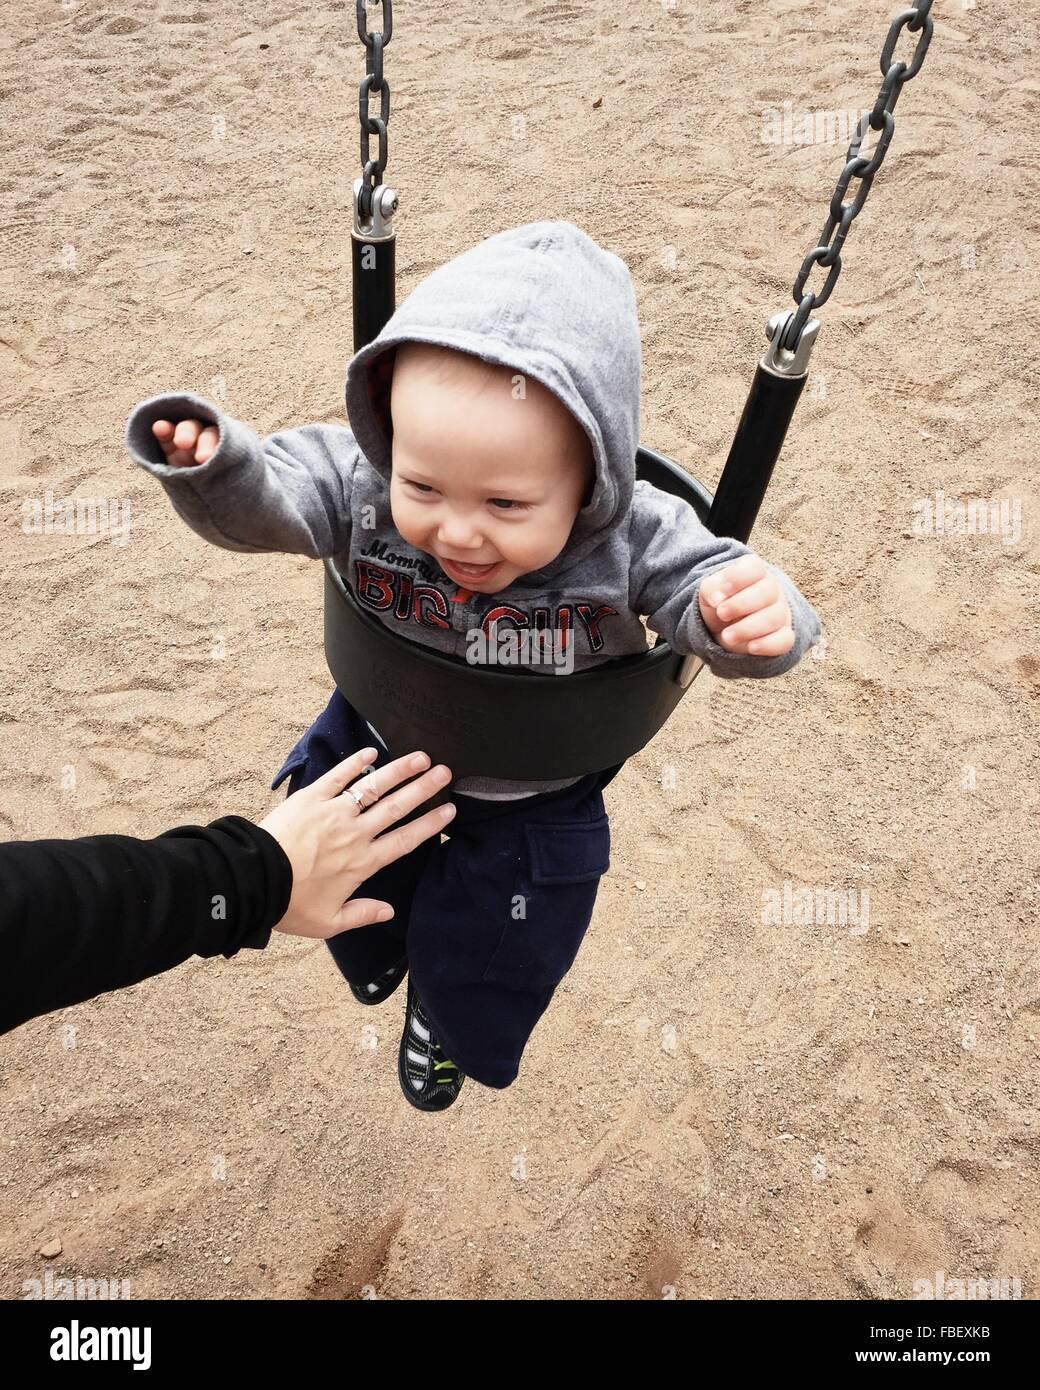 Immagine ritagliata del genitore spingendo Baby Boy in svolgimento a Park Immagini Stock